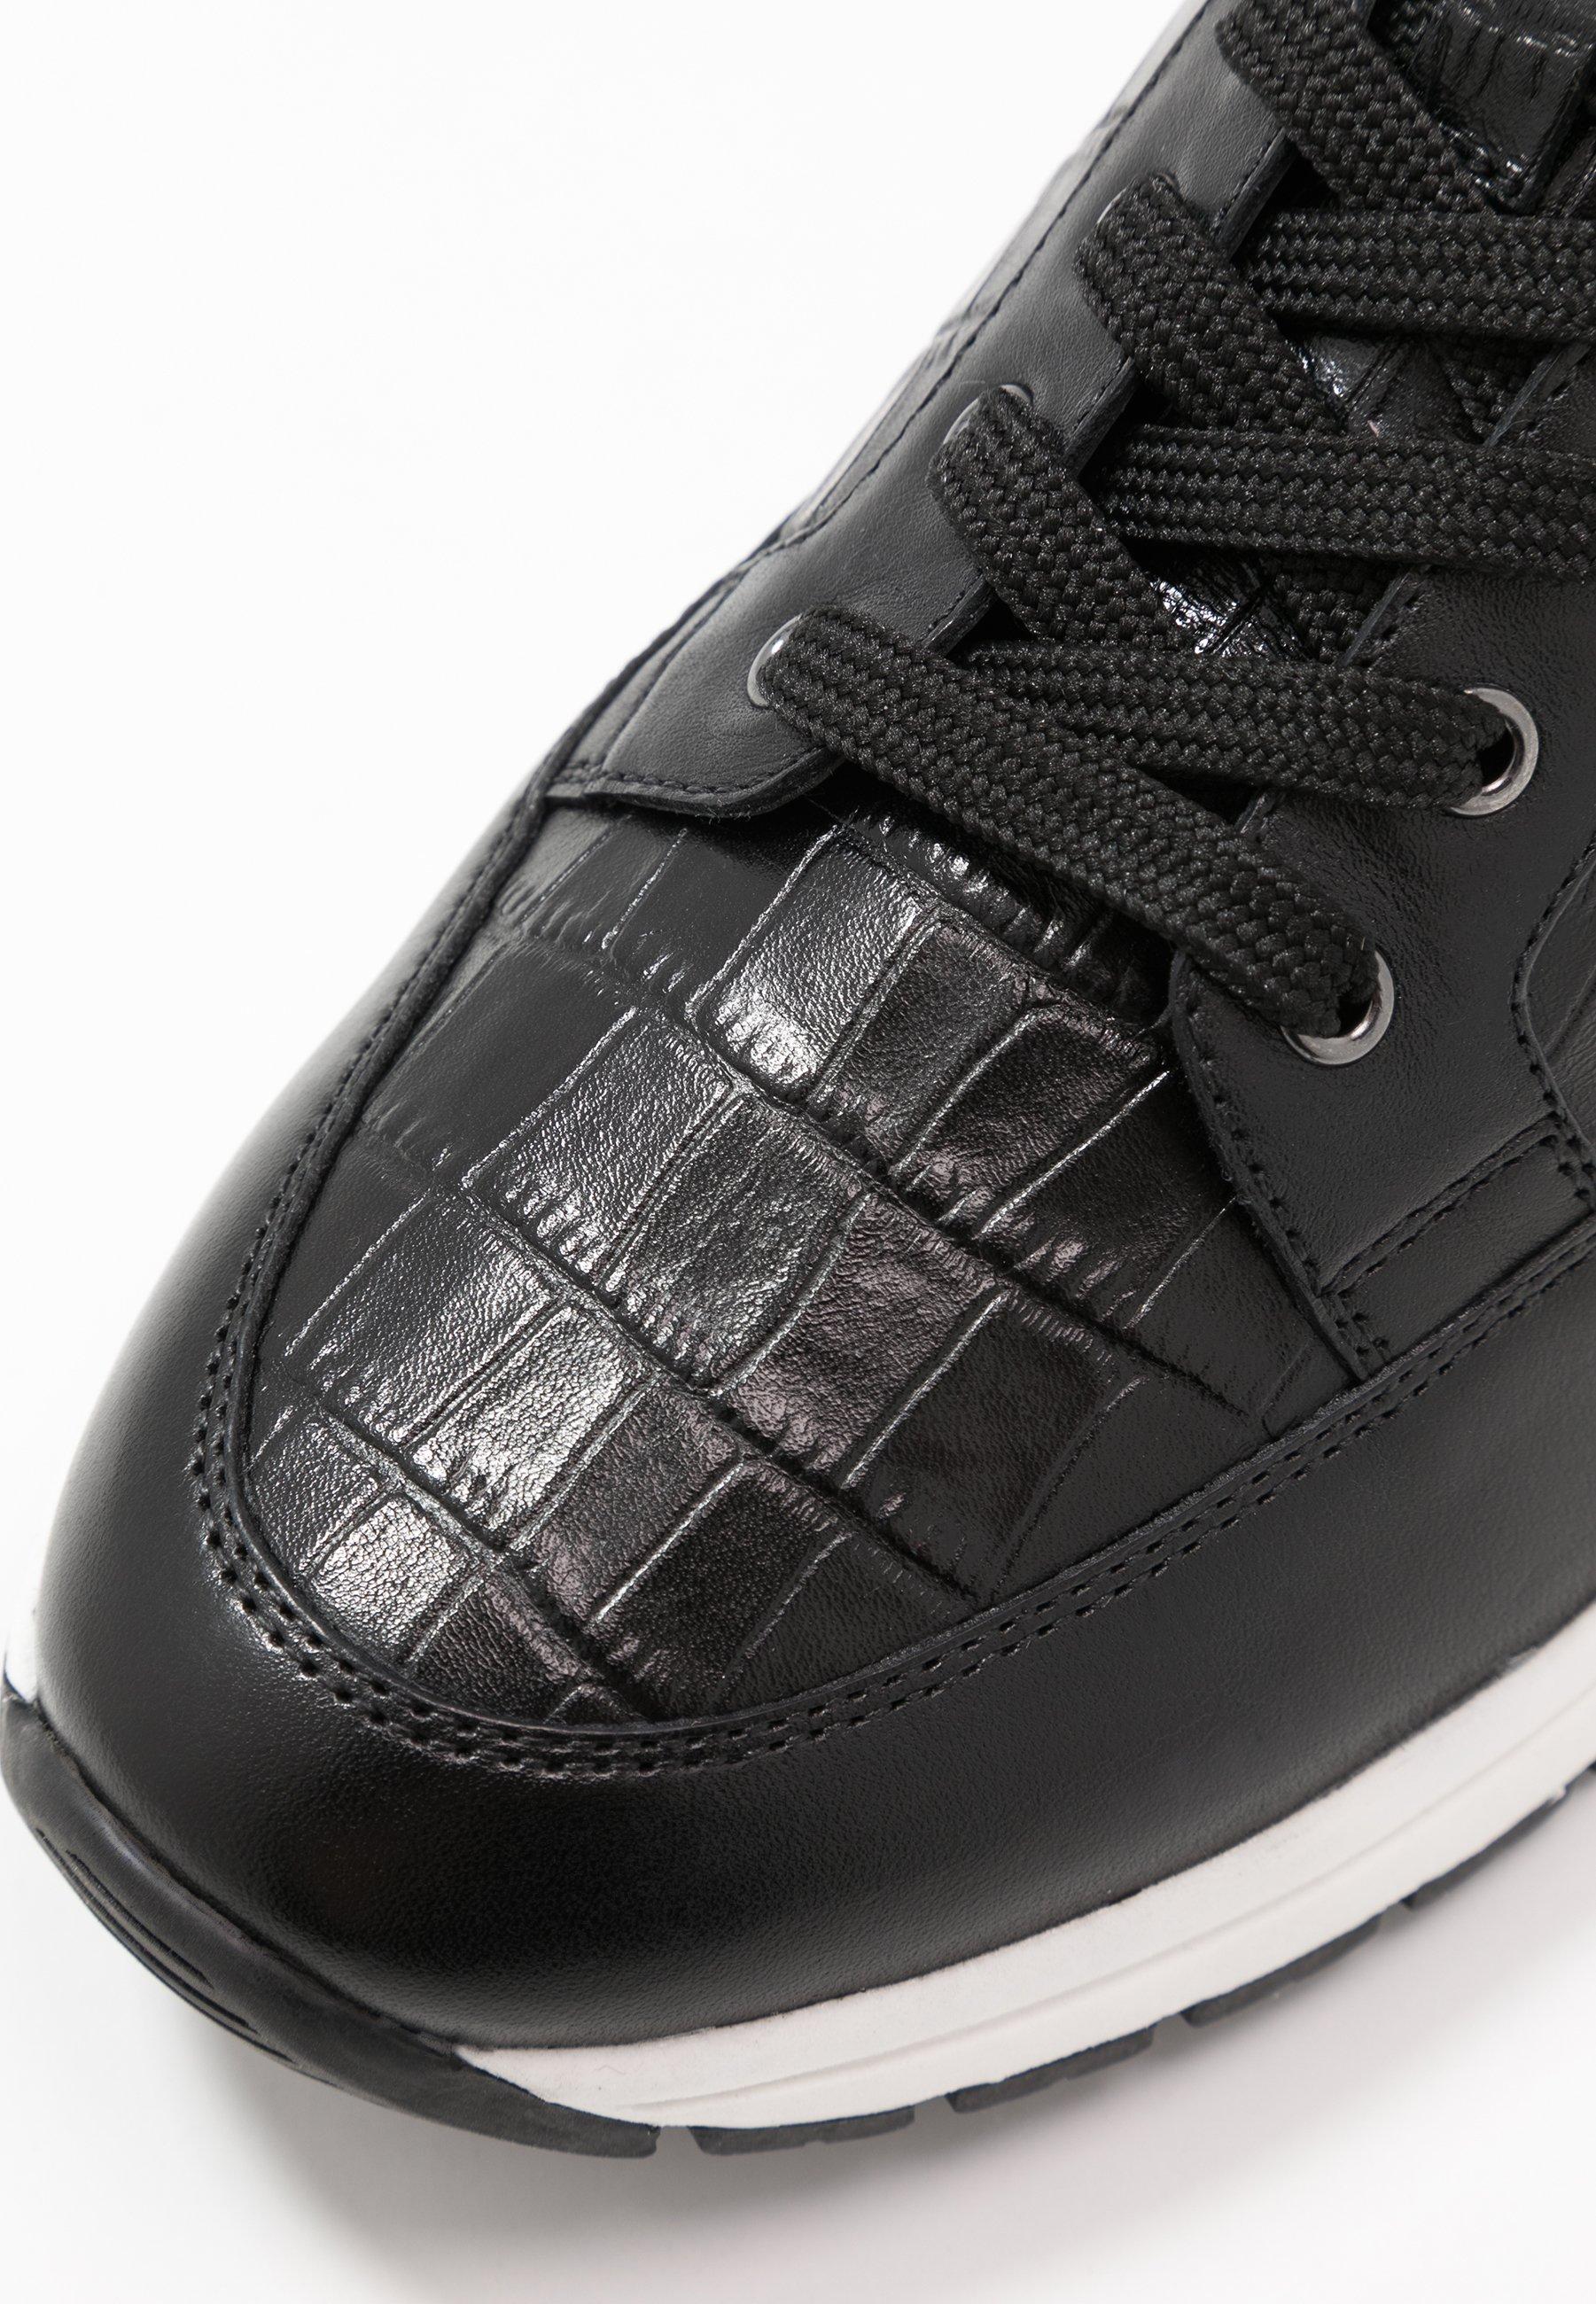 Limité Nouveau Meilleurs prix Caprice LACE-UP Baskets basses black sjvCL